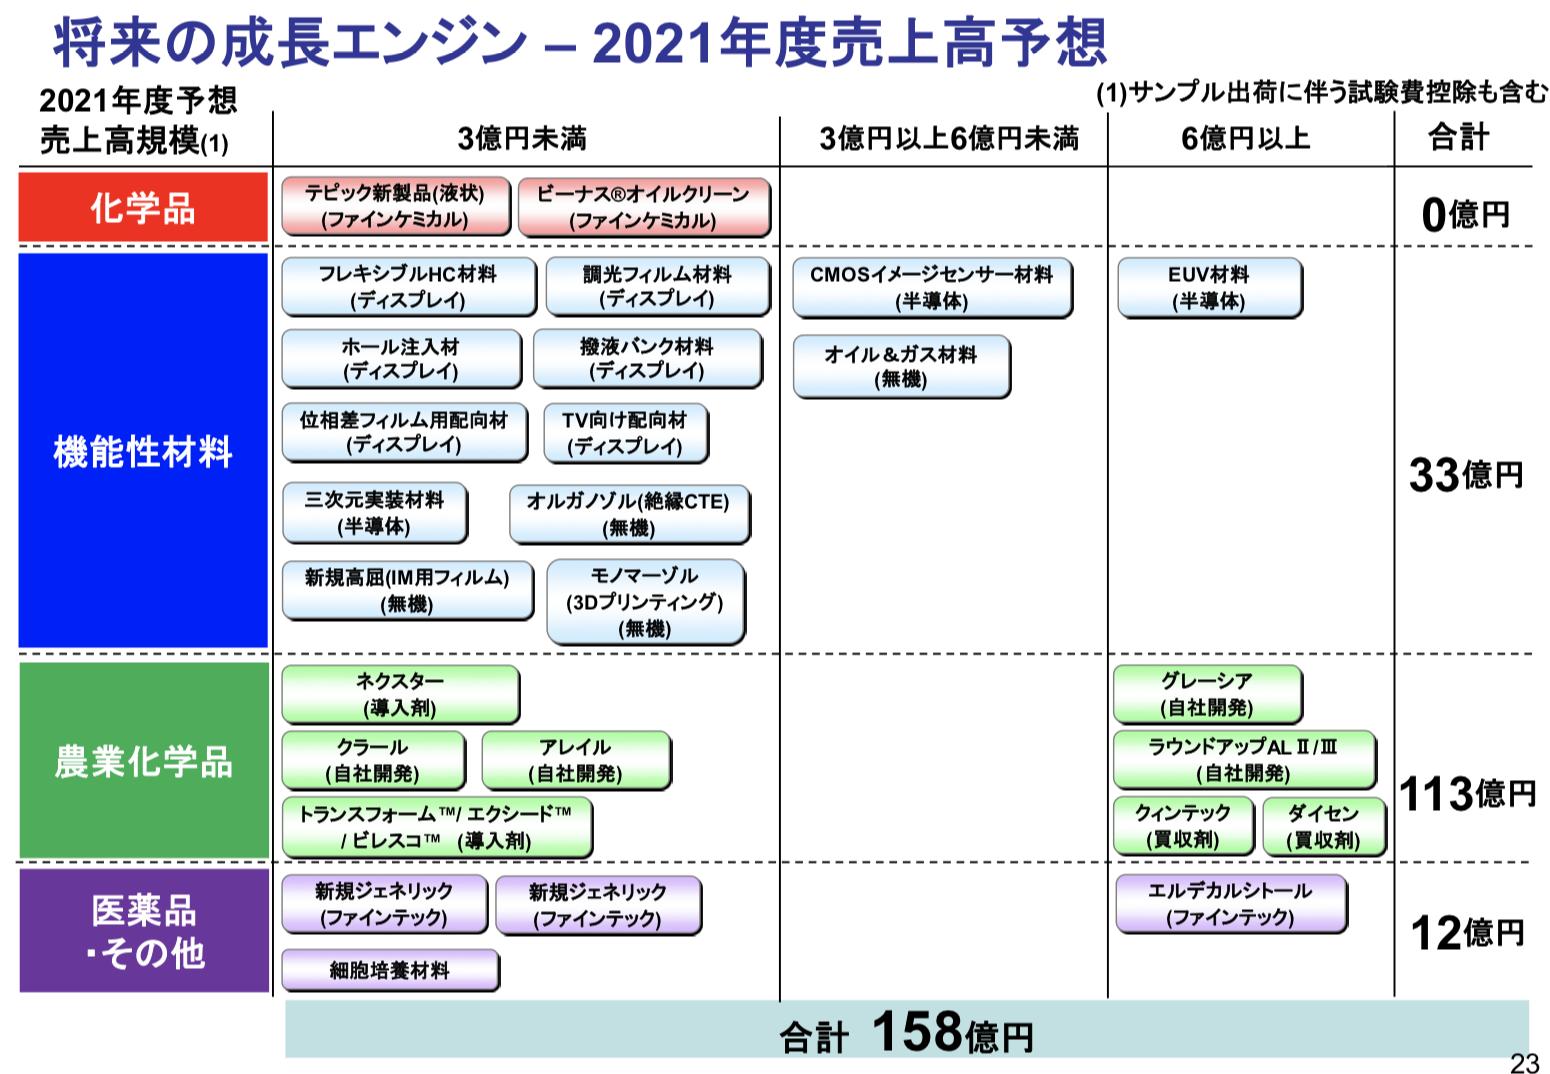 日産化学株式会社 2021年3月期 決算説明会